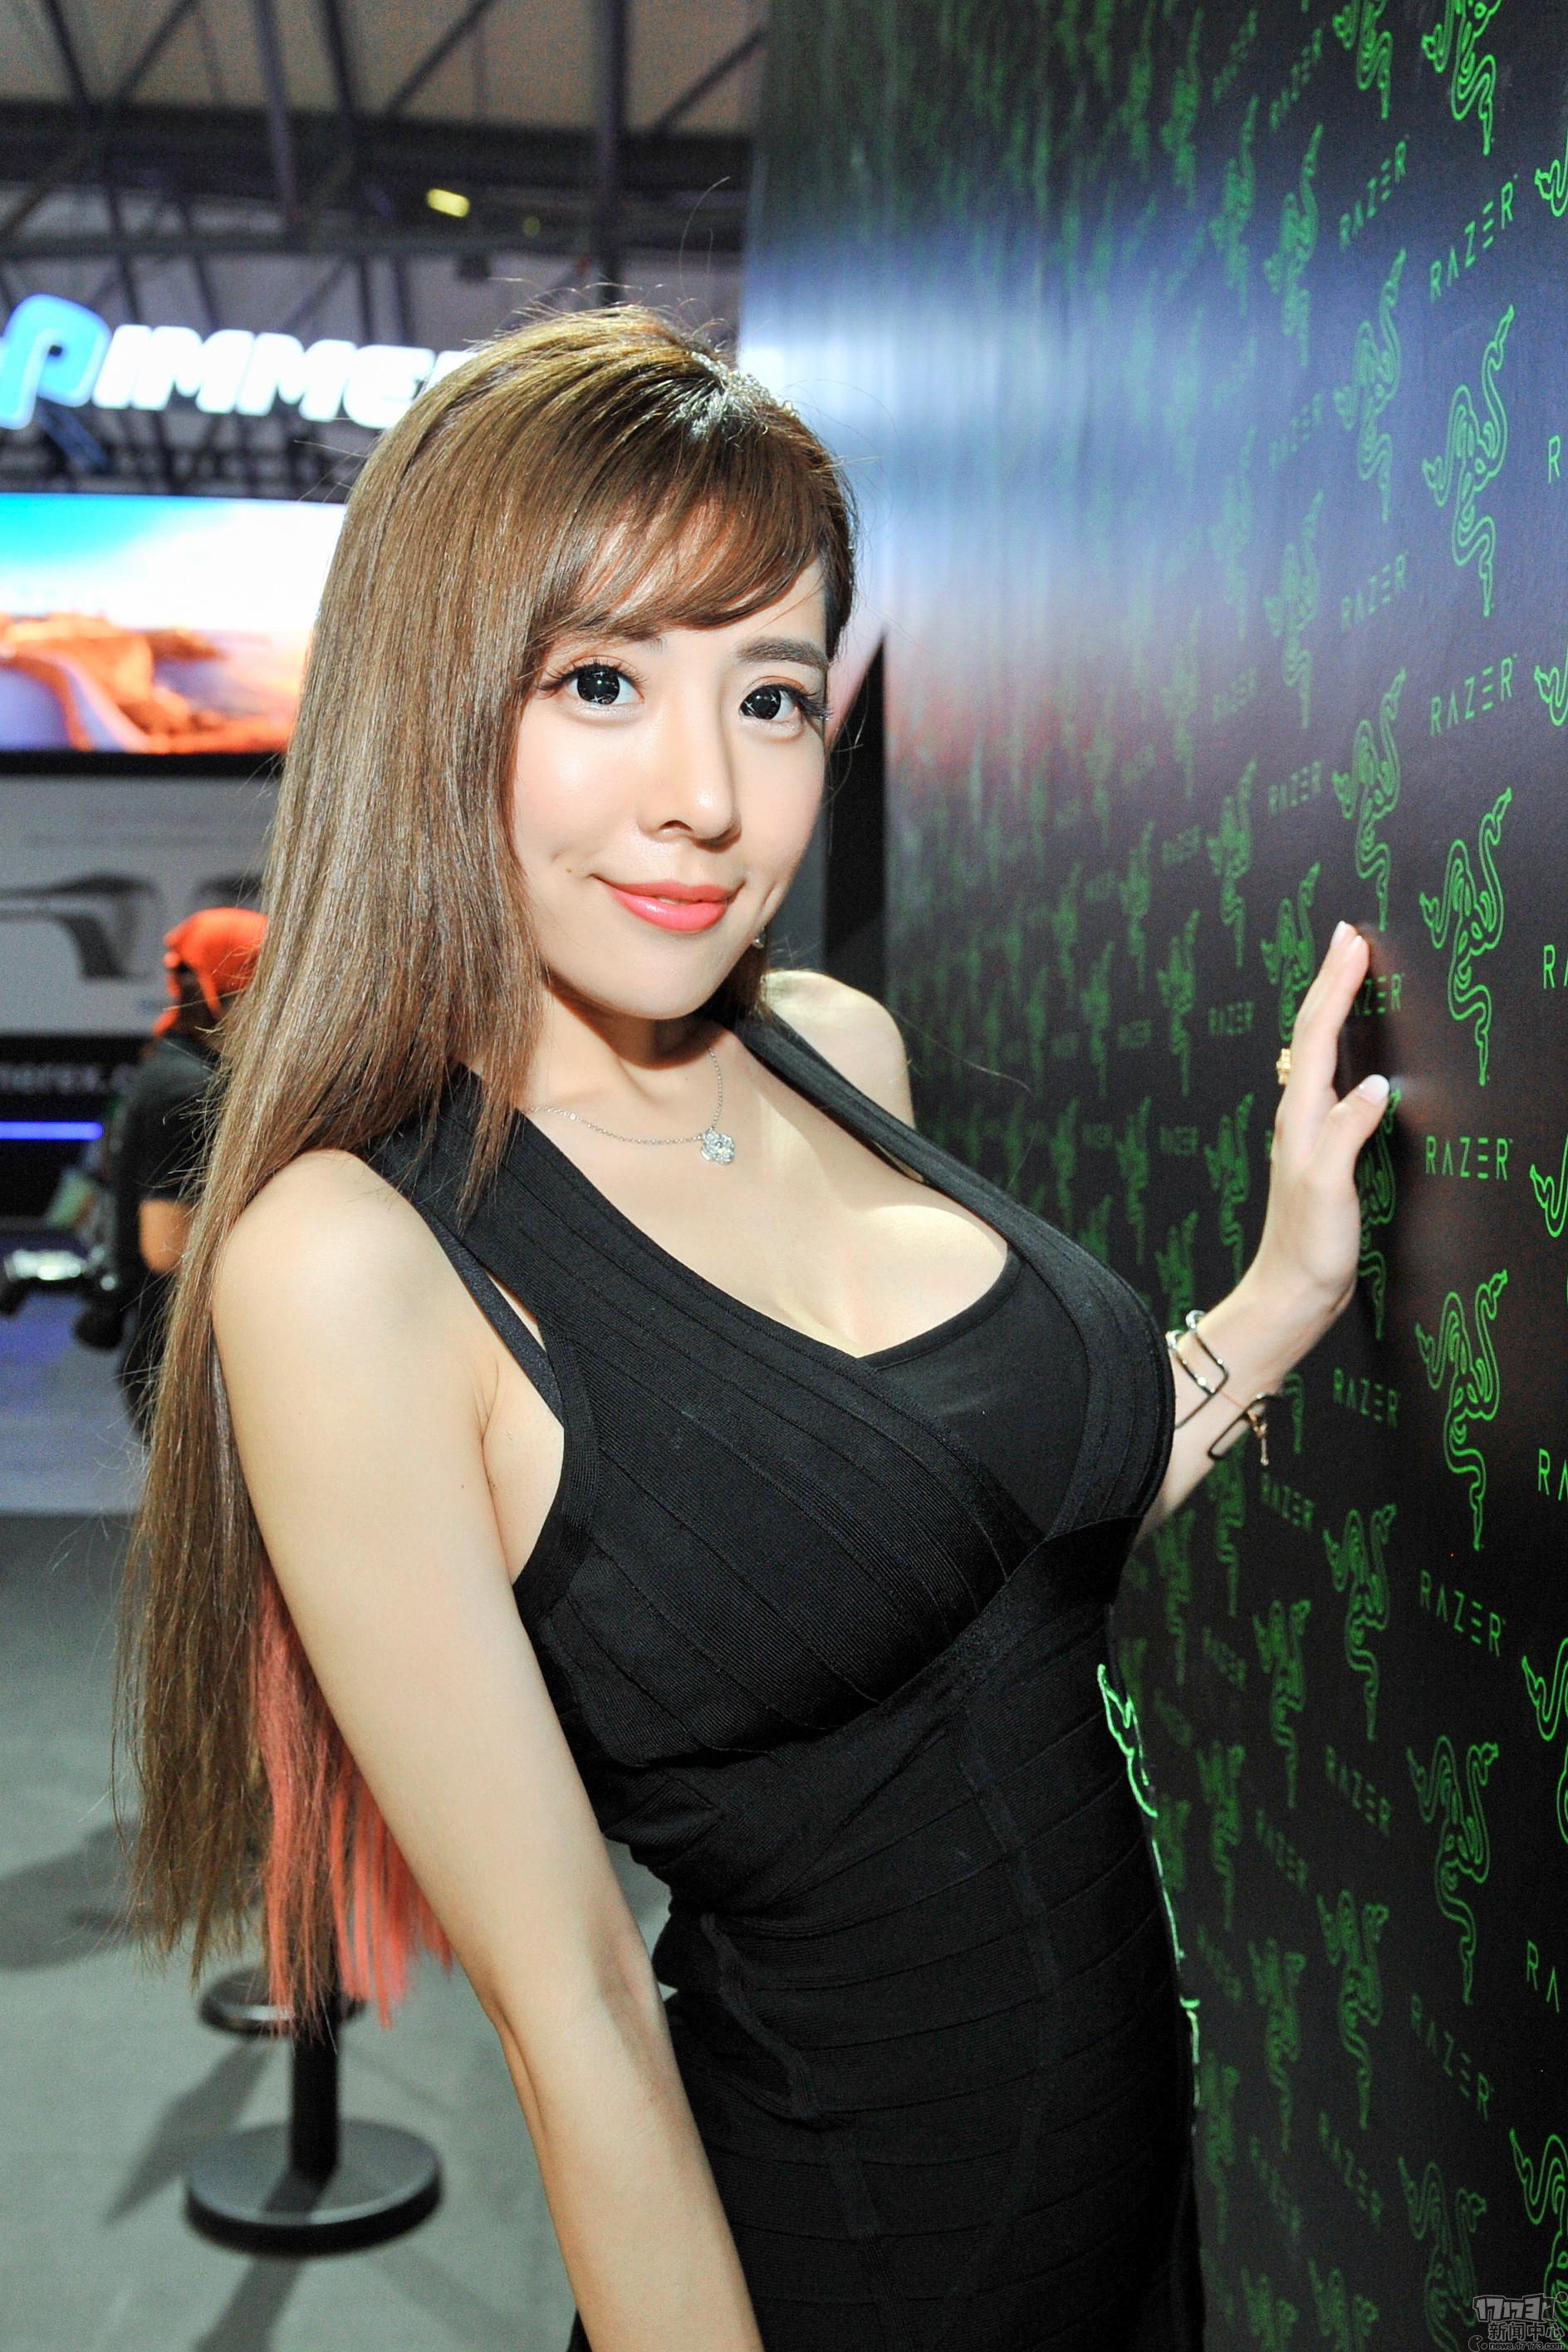 Chiêm ngưỡng loạt showgirl cực quyến rũ tại ChinaJoy 2016 - Ảnh _36